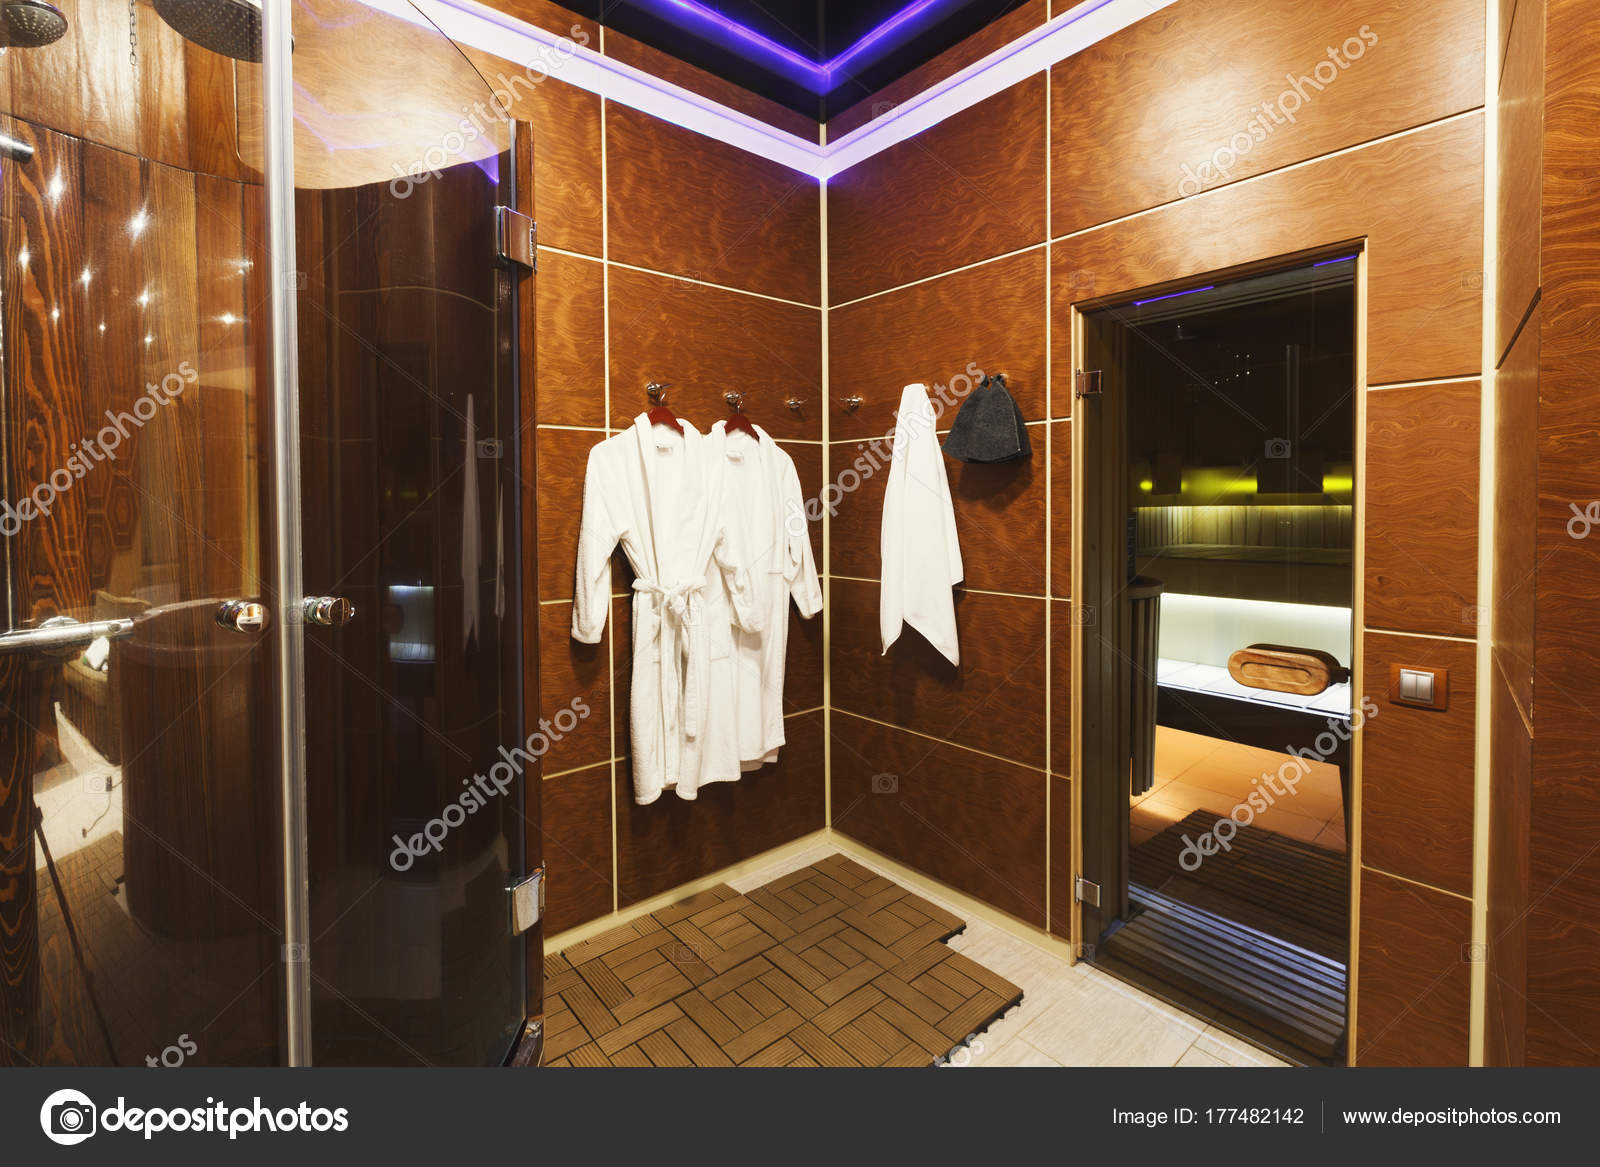 Ankleidezimmer luxus  Luxus-Ankleidezimmer im Inneren der sauna — Stockfoto © Milkos ...